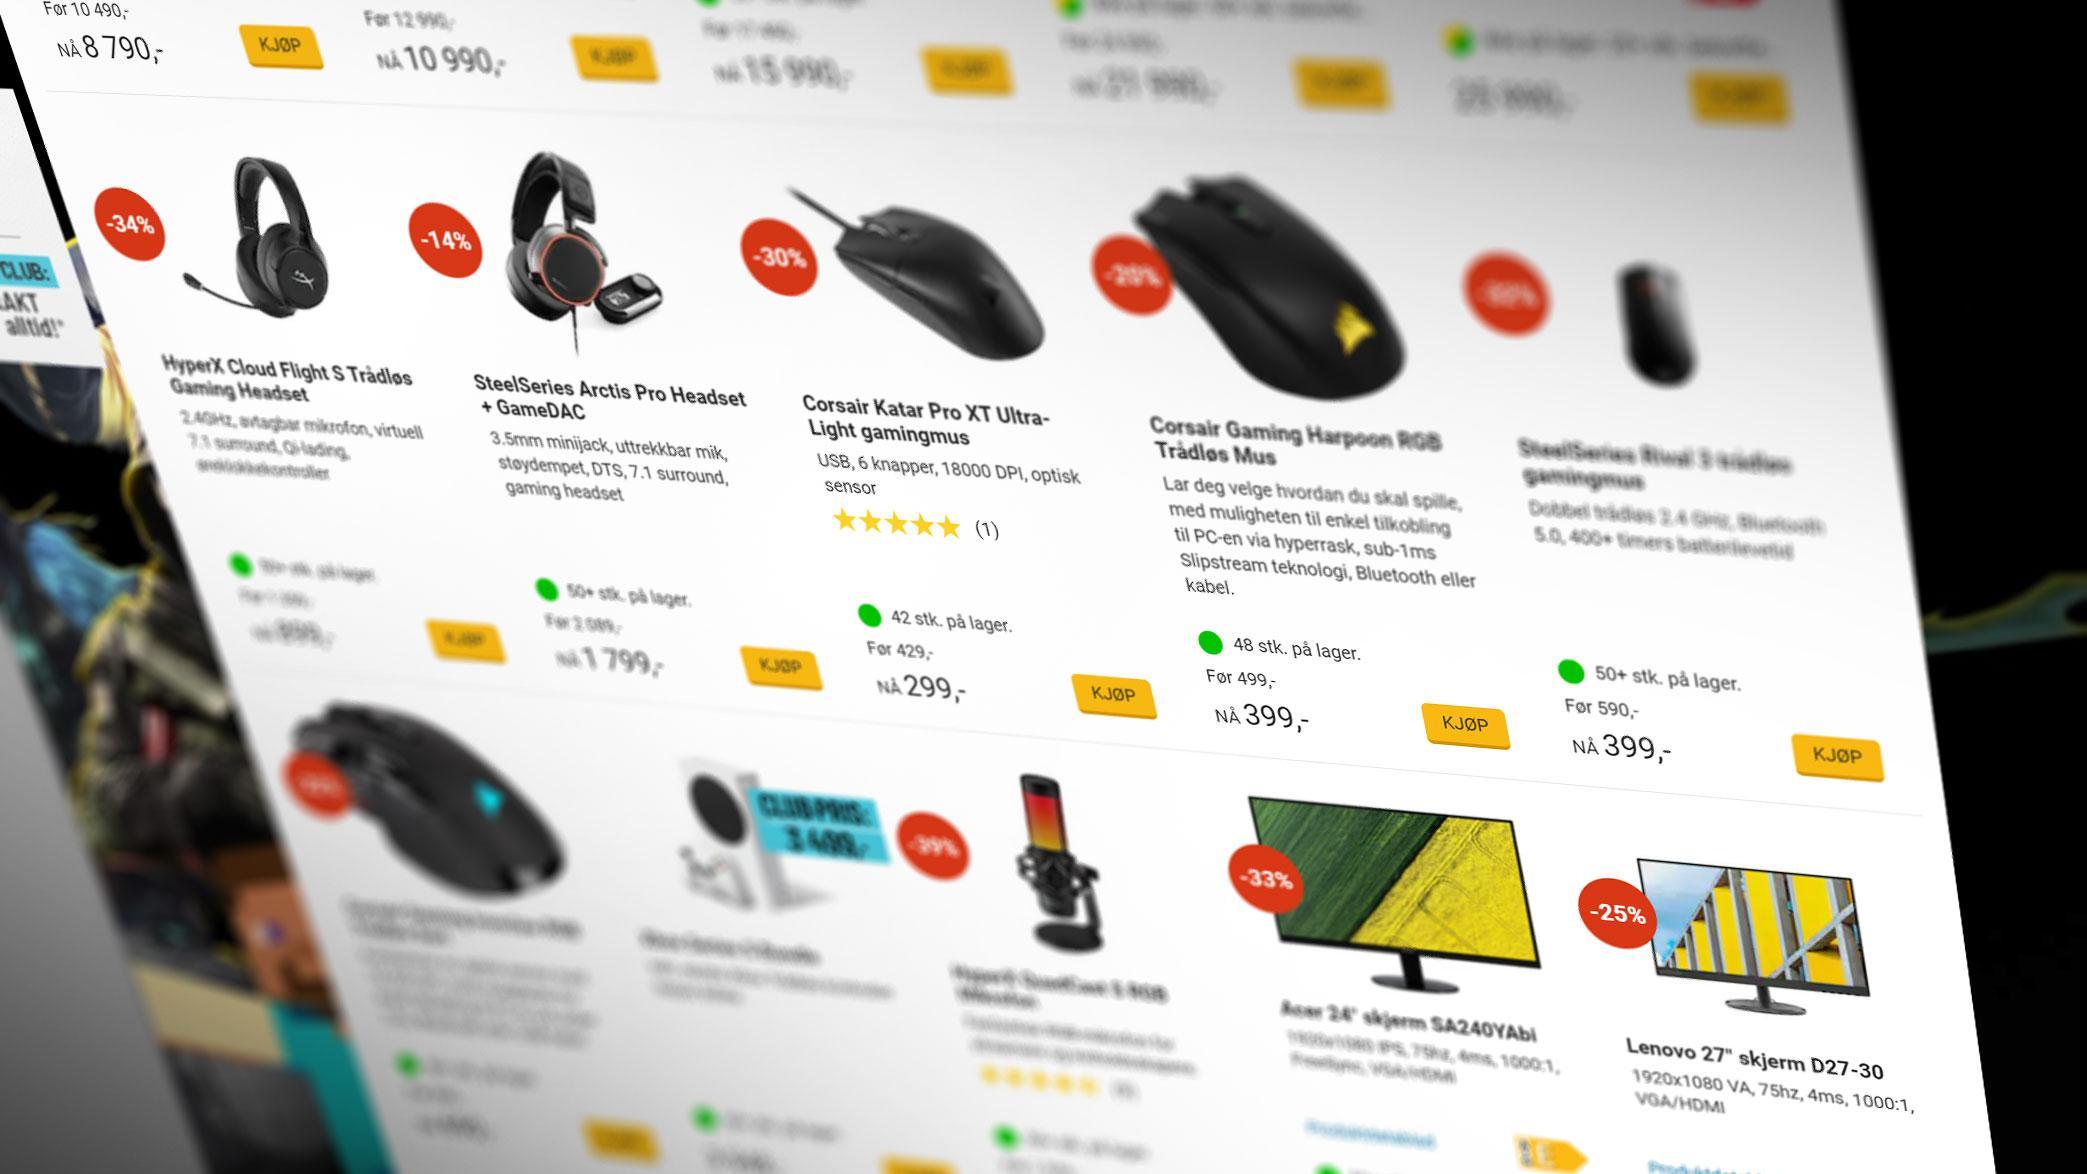 Komplett endrer: Skal vise brukeranmeldelser overalt